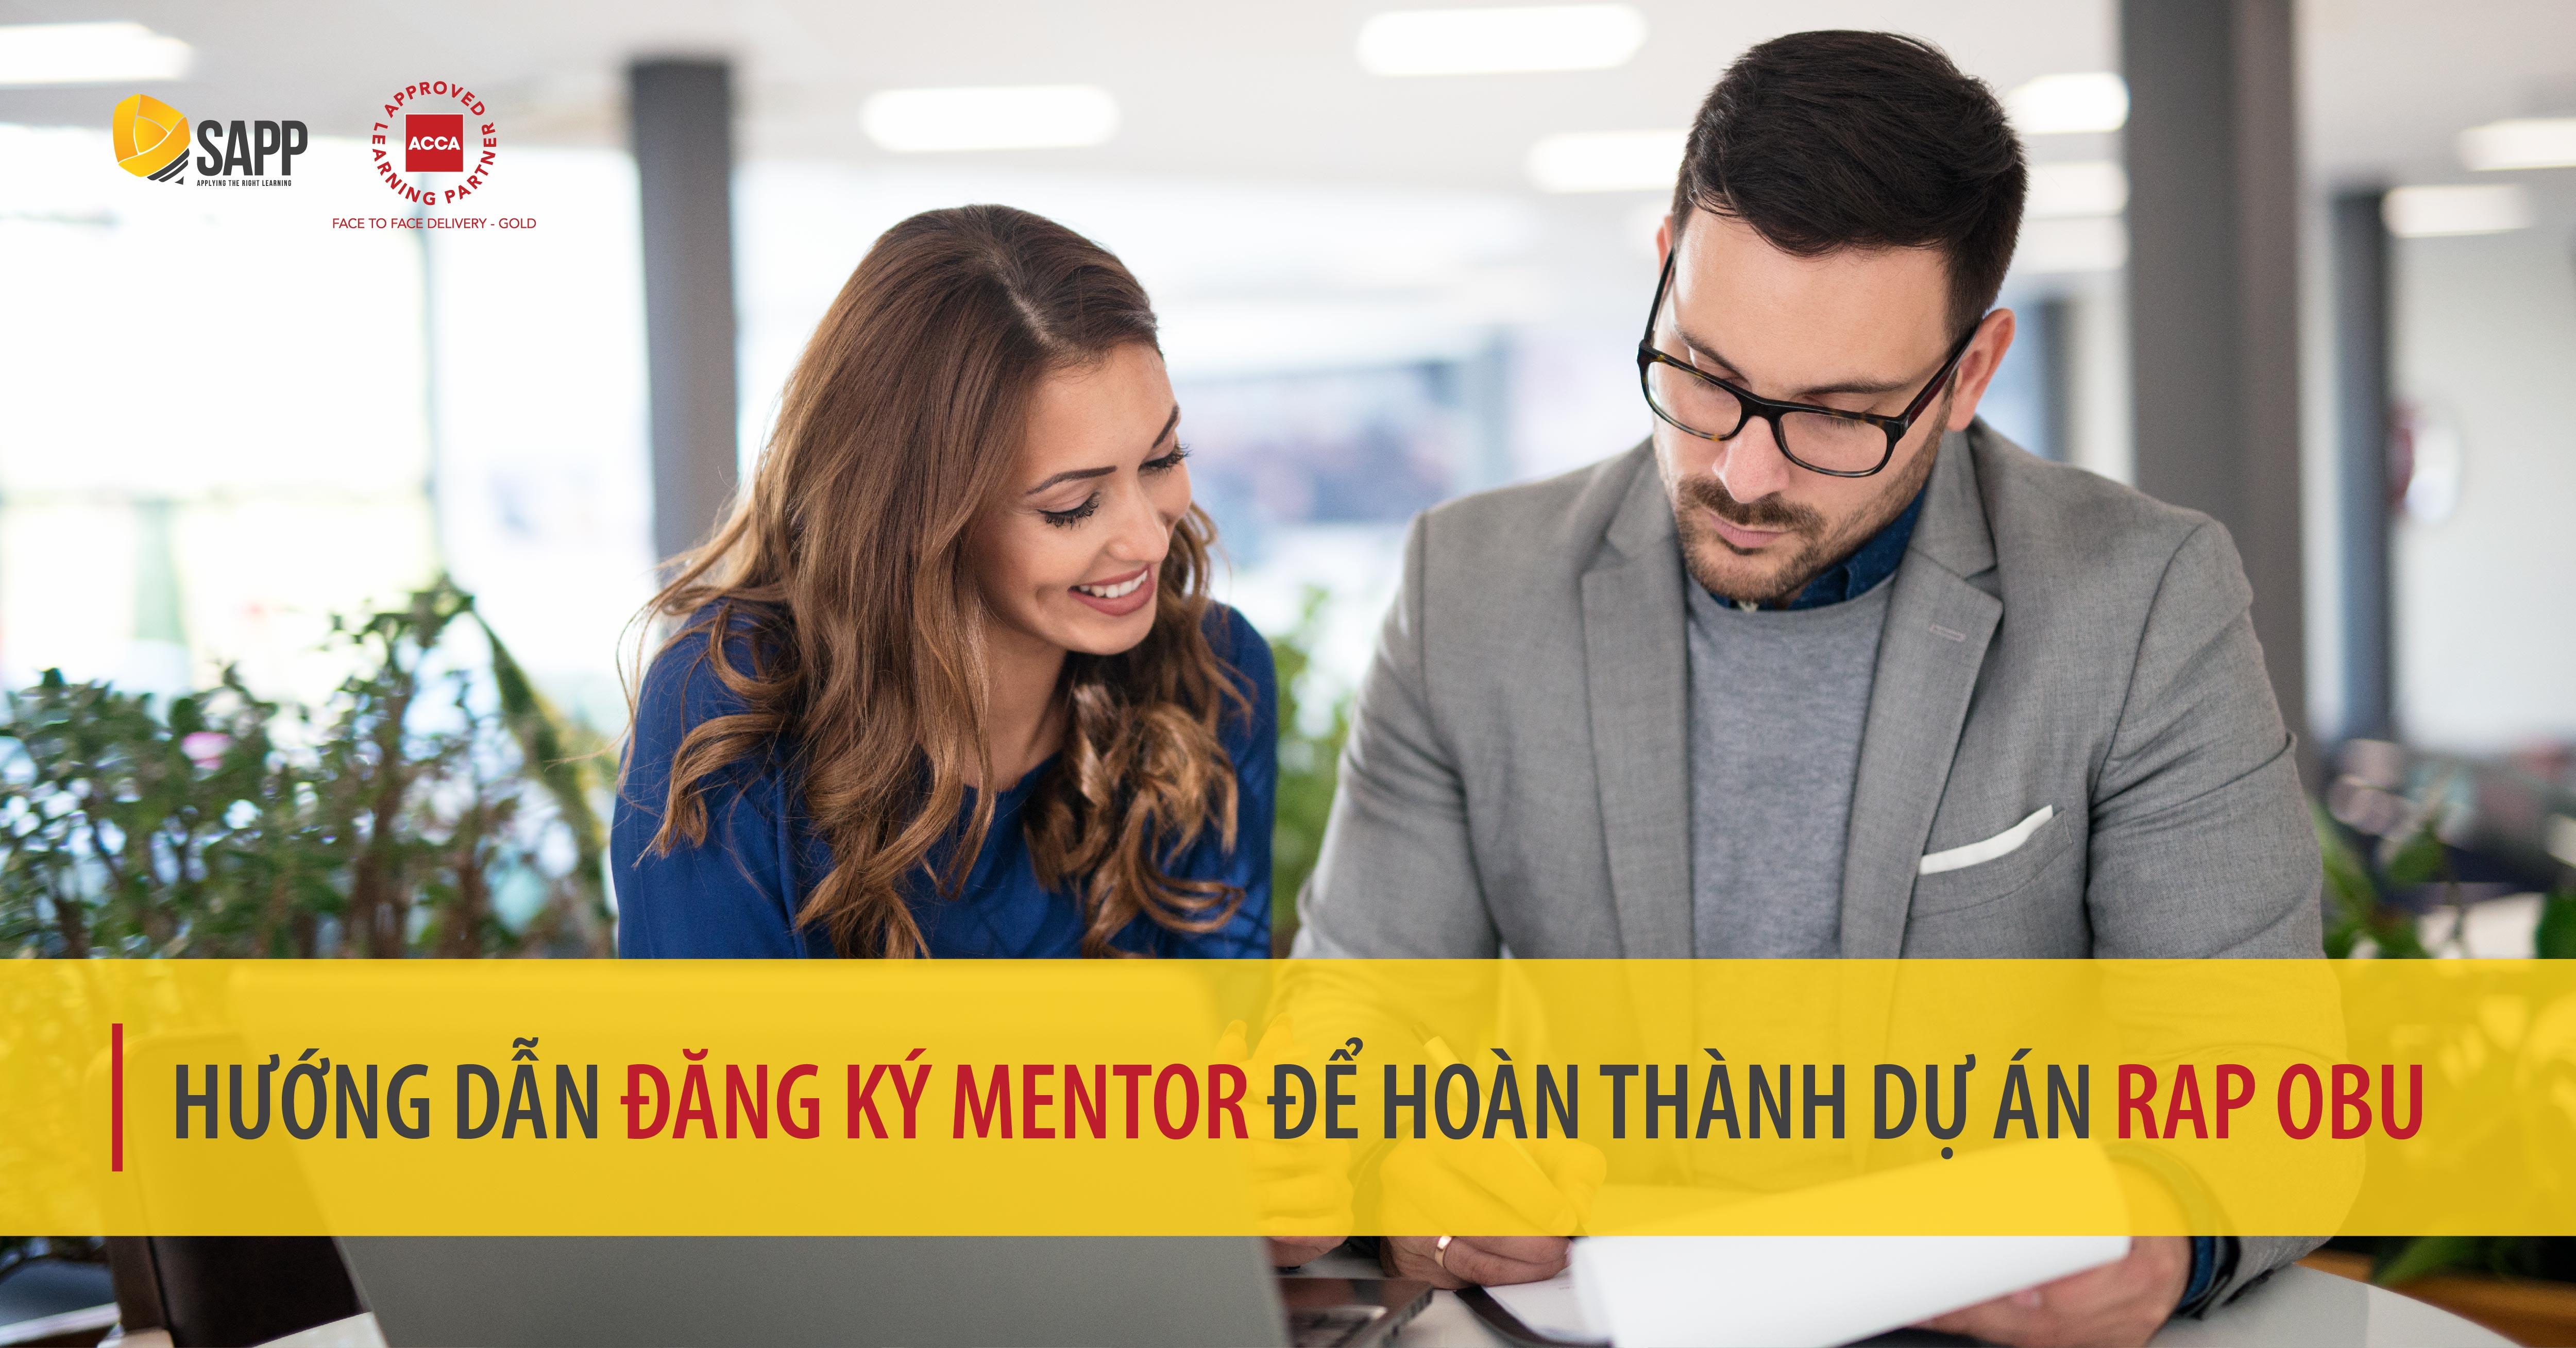 Hướng dẫn đăng ký mentor để hoàn thành Dự án RAP OBU